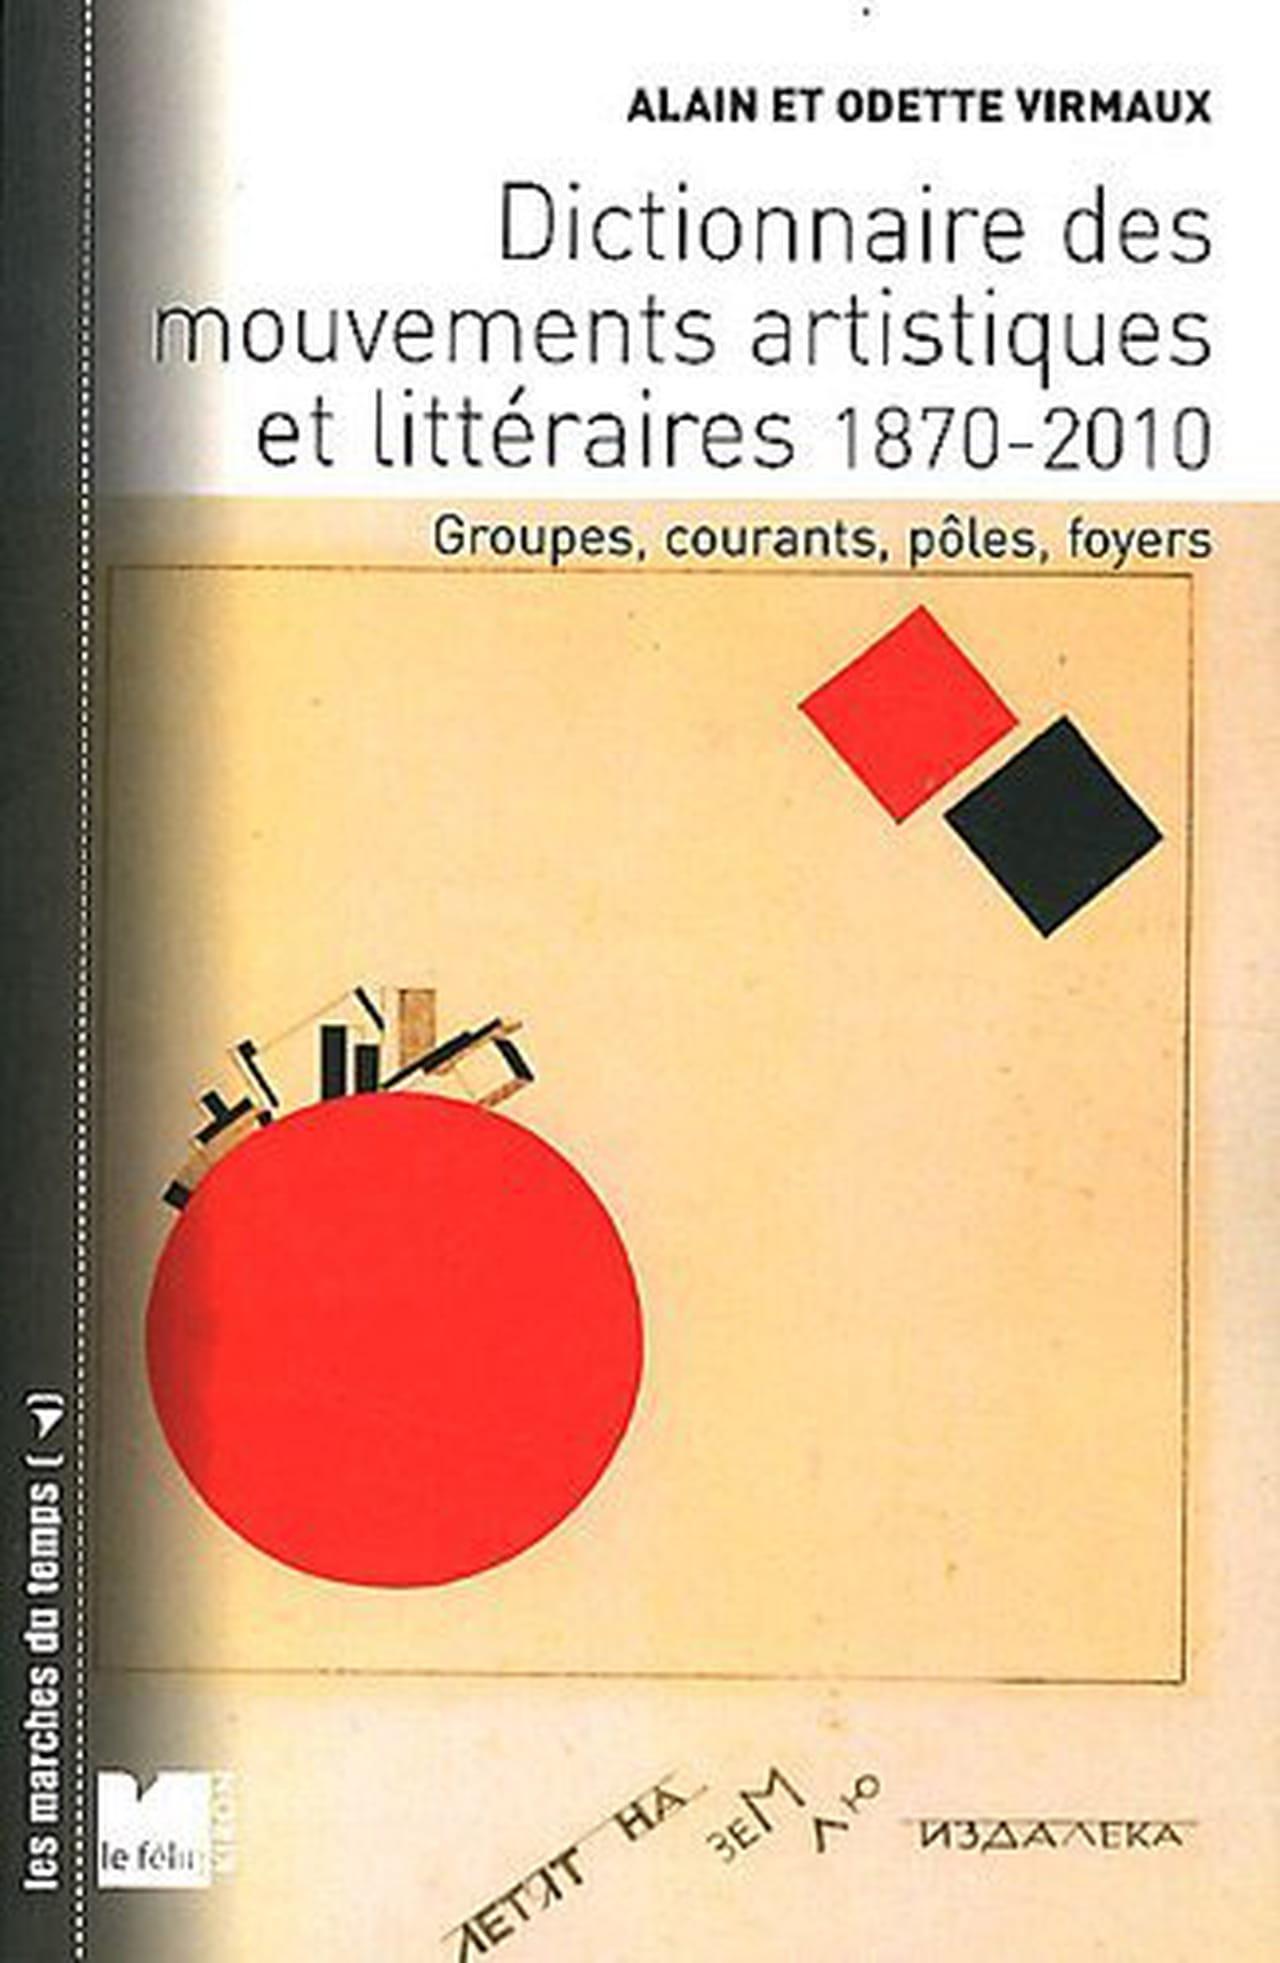 villes futuristes description en littérature